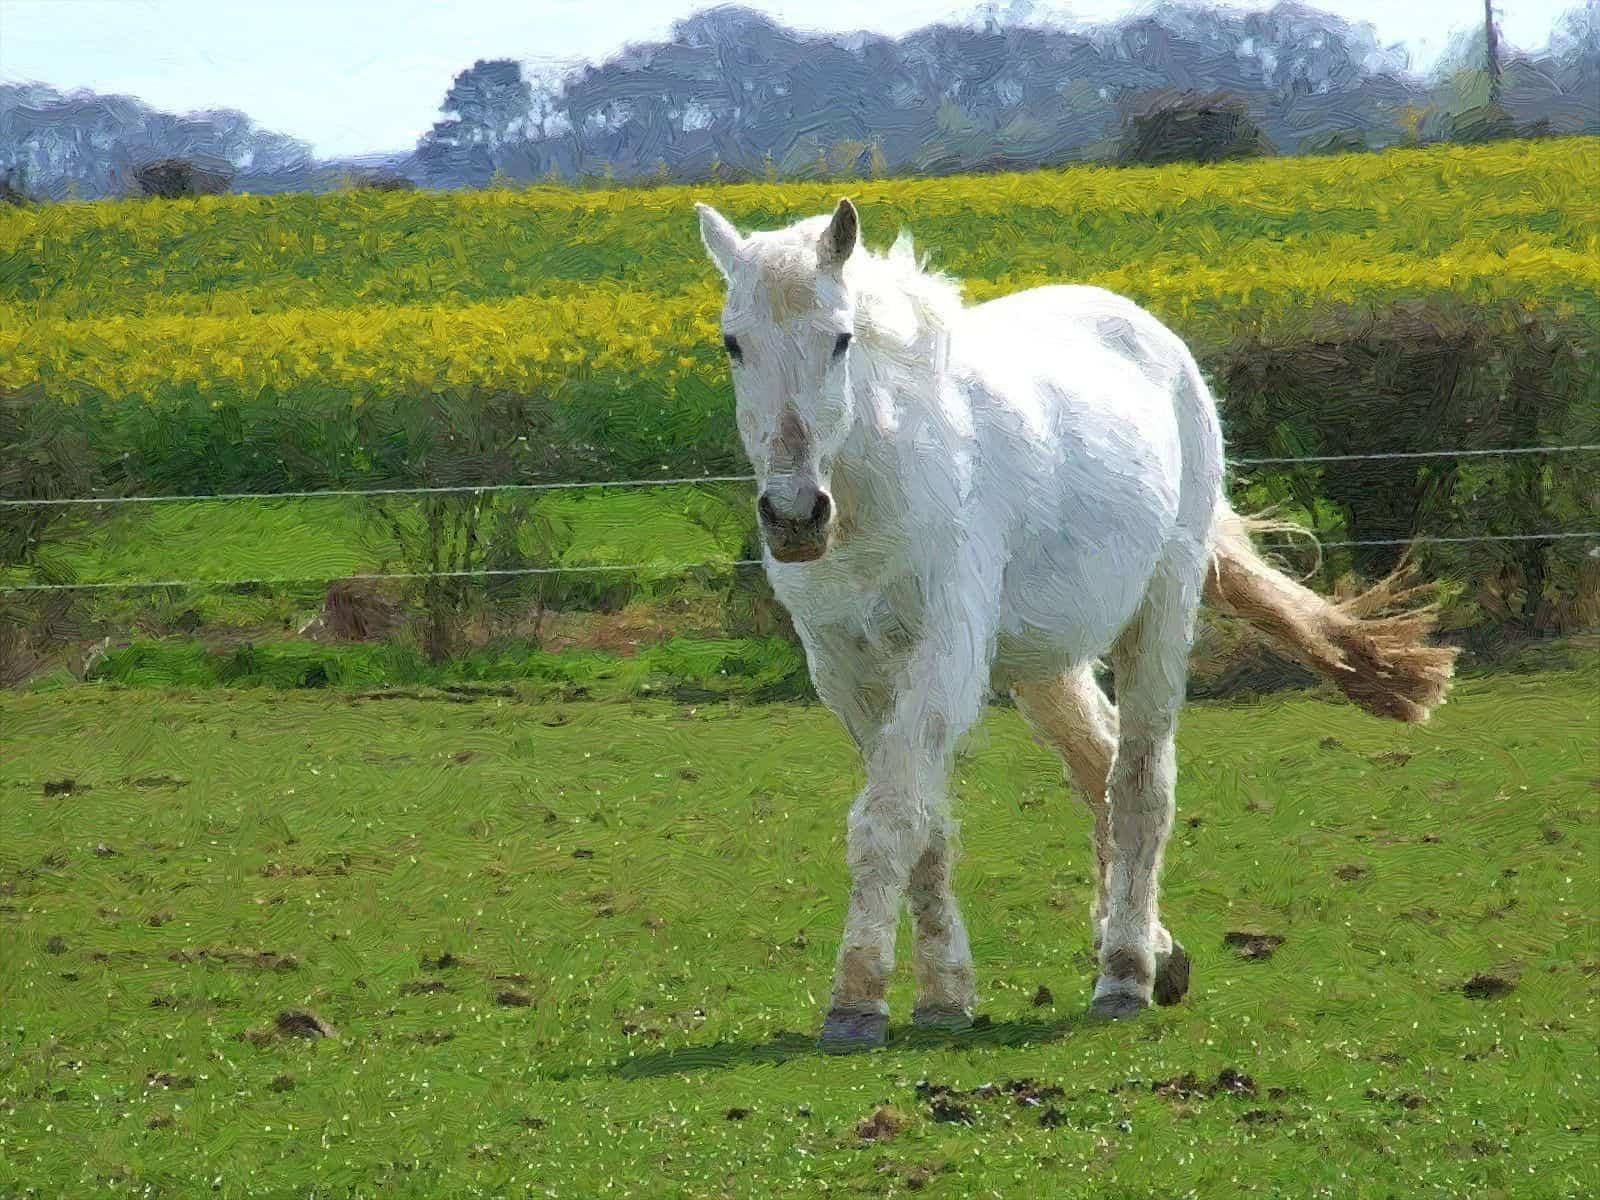 تفسير الحصان الابيض فى الحلم